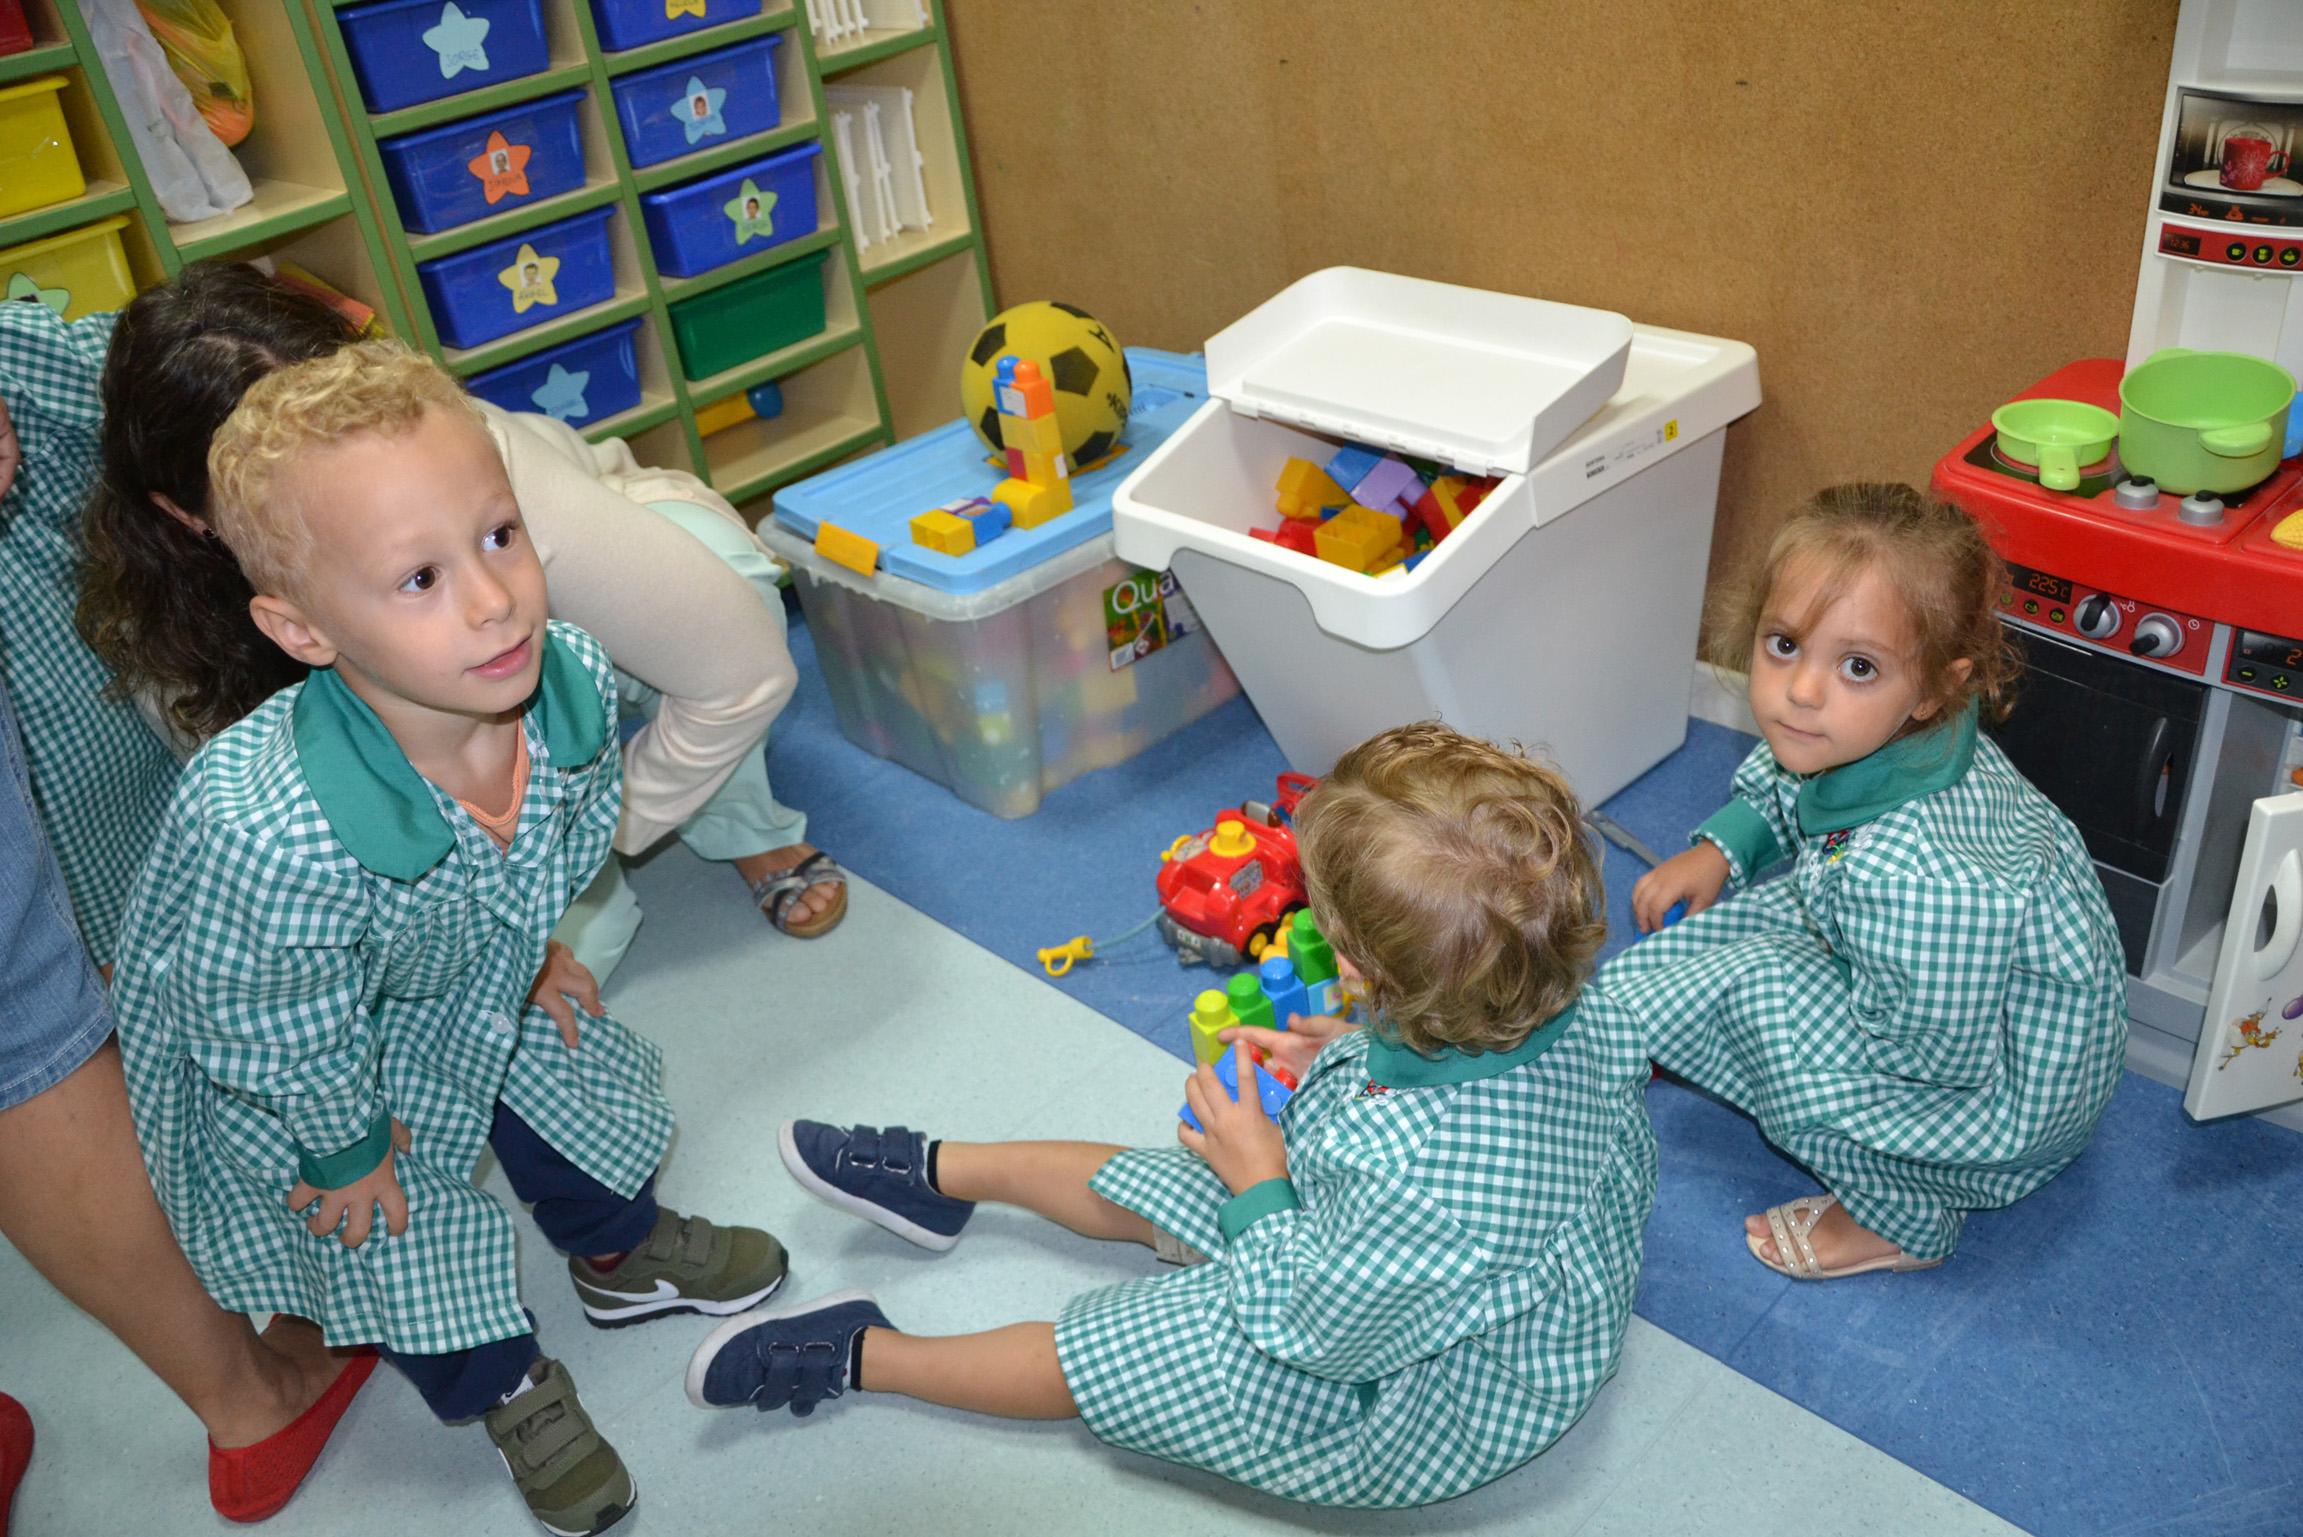 educacion infantil niños jugando